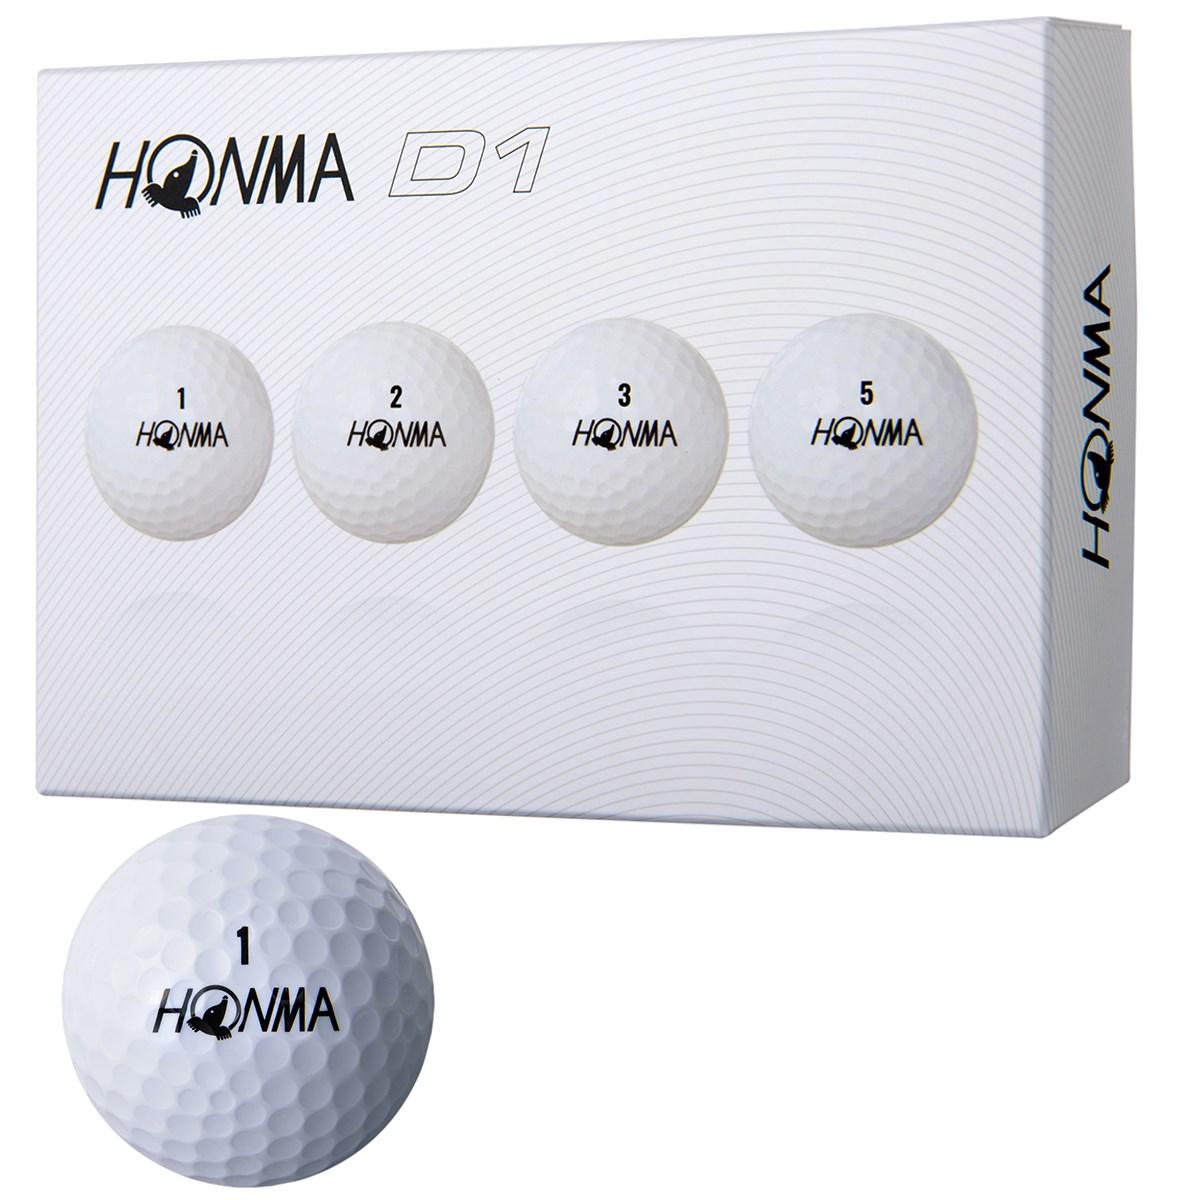 本間ゴルフ HONMA D1 ボール 2018年モデル 1ダース(12個入り) ホワイト